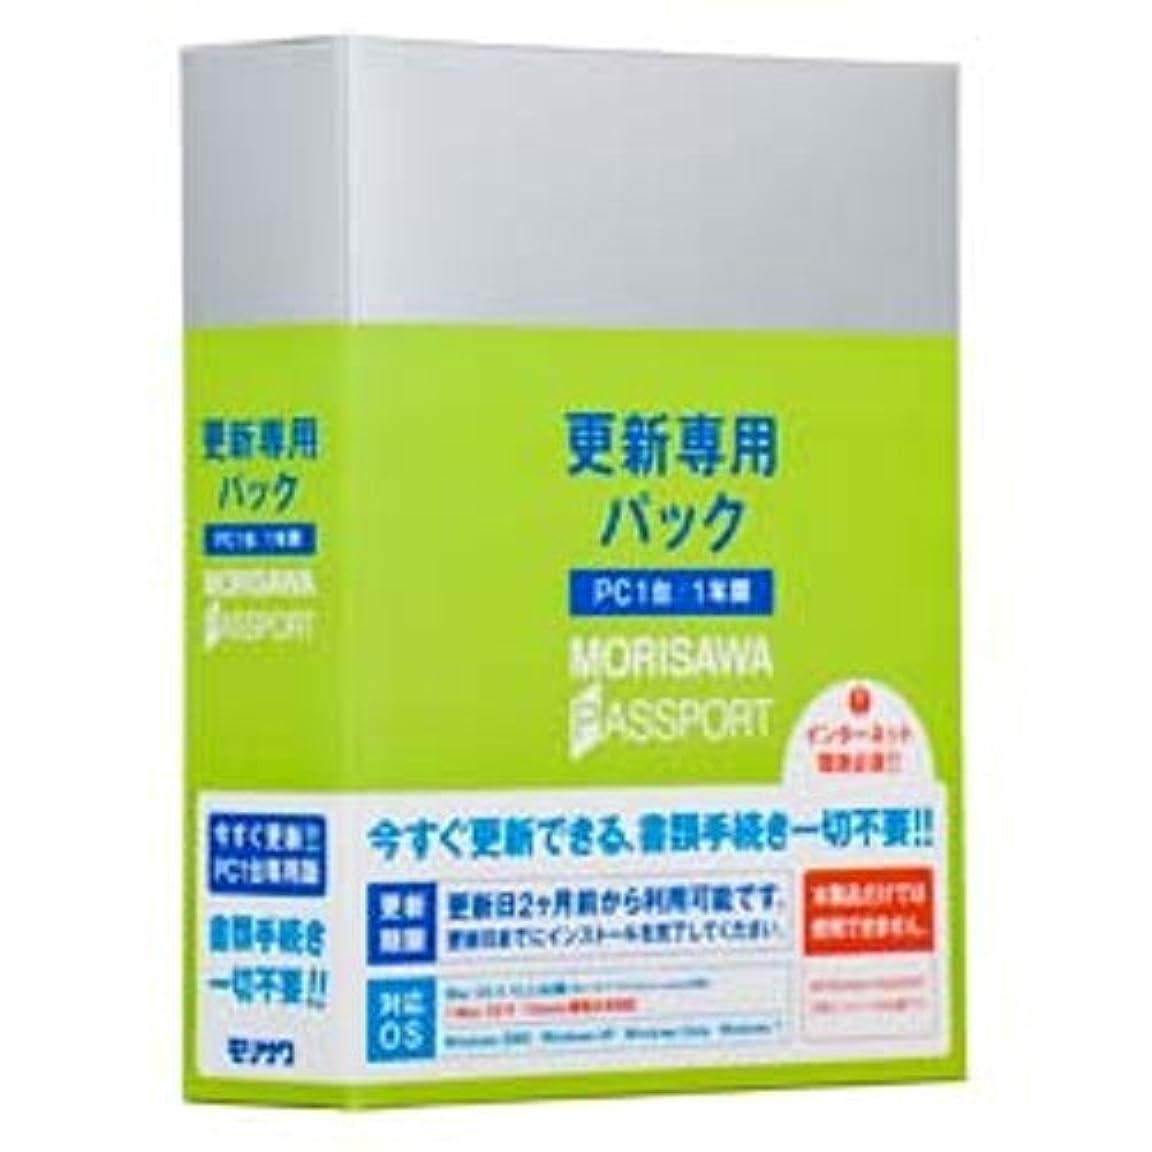 節約するひも耐久MORISAWA PASSPORT 更新専用パック(PC1台/1年間)